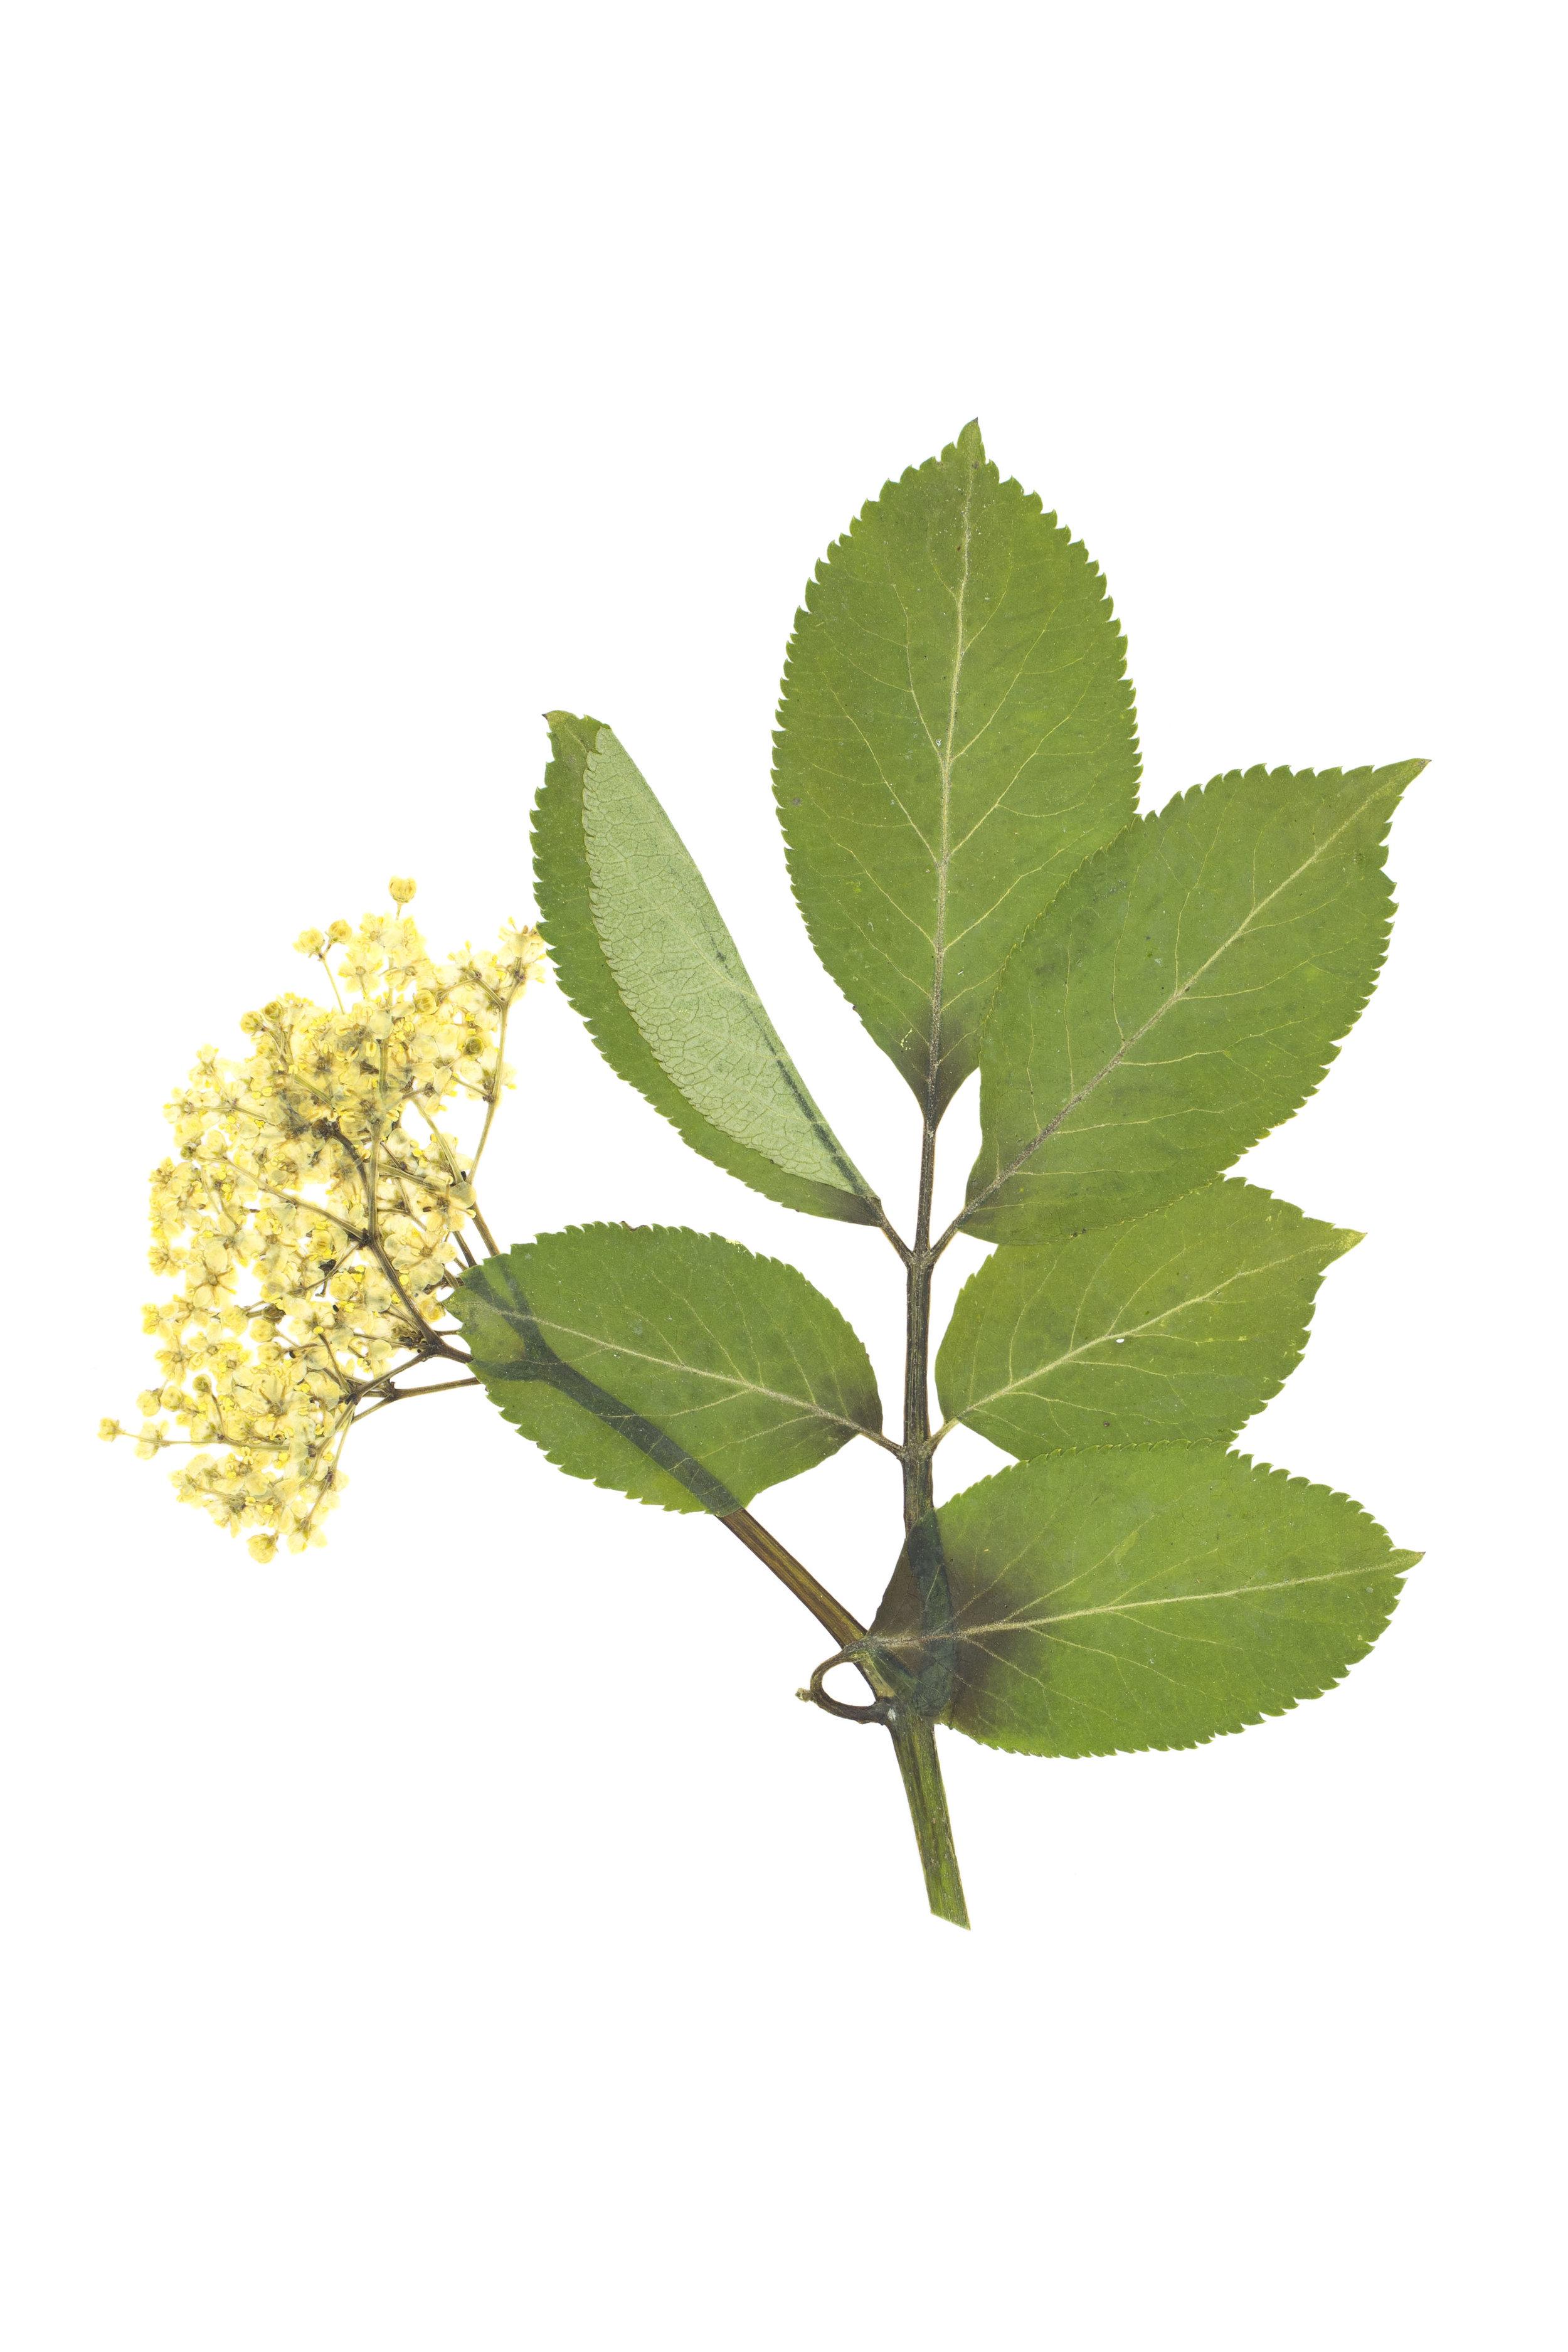 New! Elderberry / Sambucus nigra